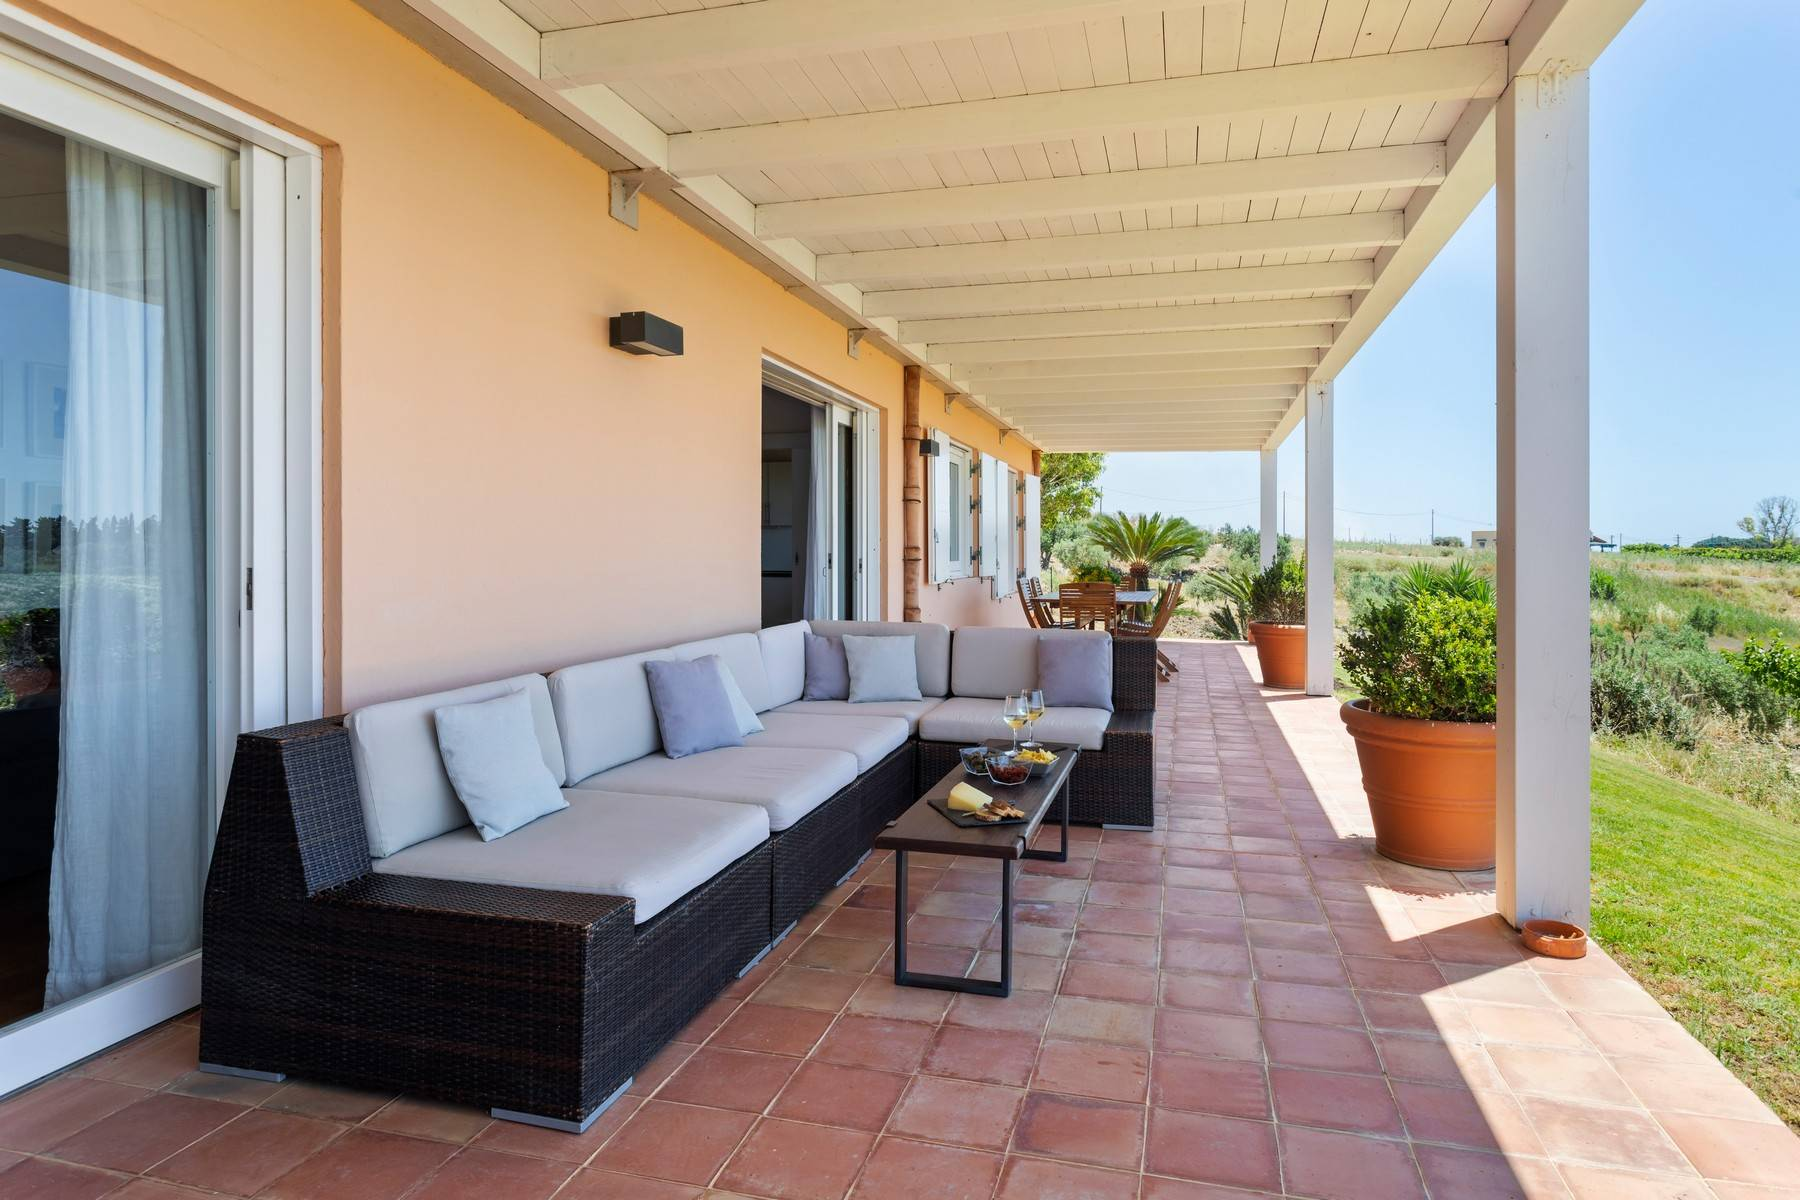 Villa in Vendita a Castelvetrano: 5 locali, 180 mq - Foto 1